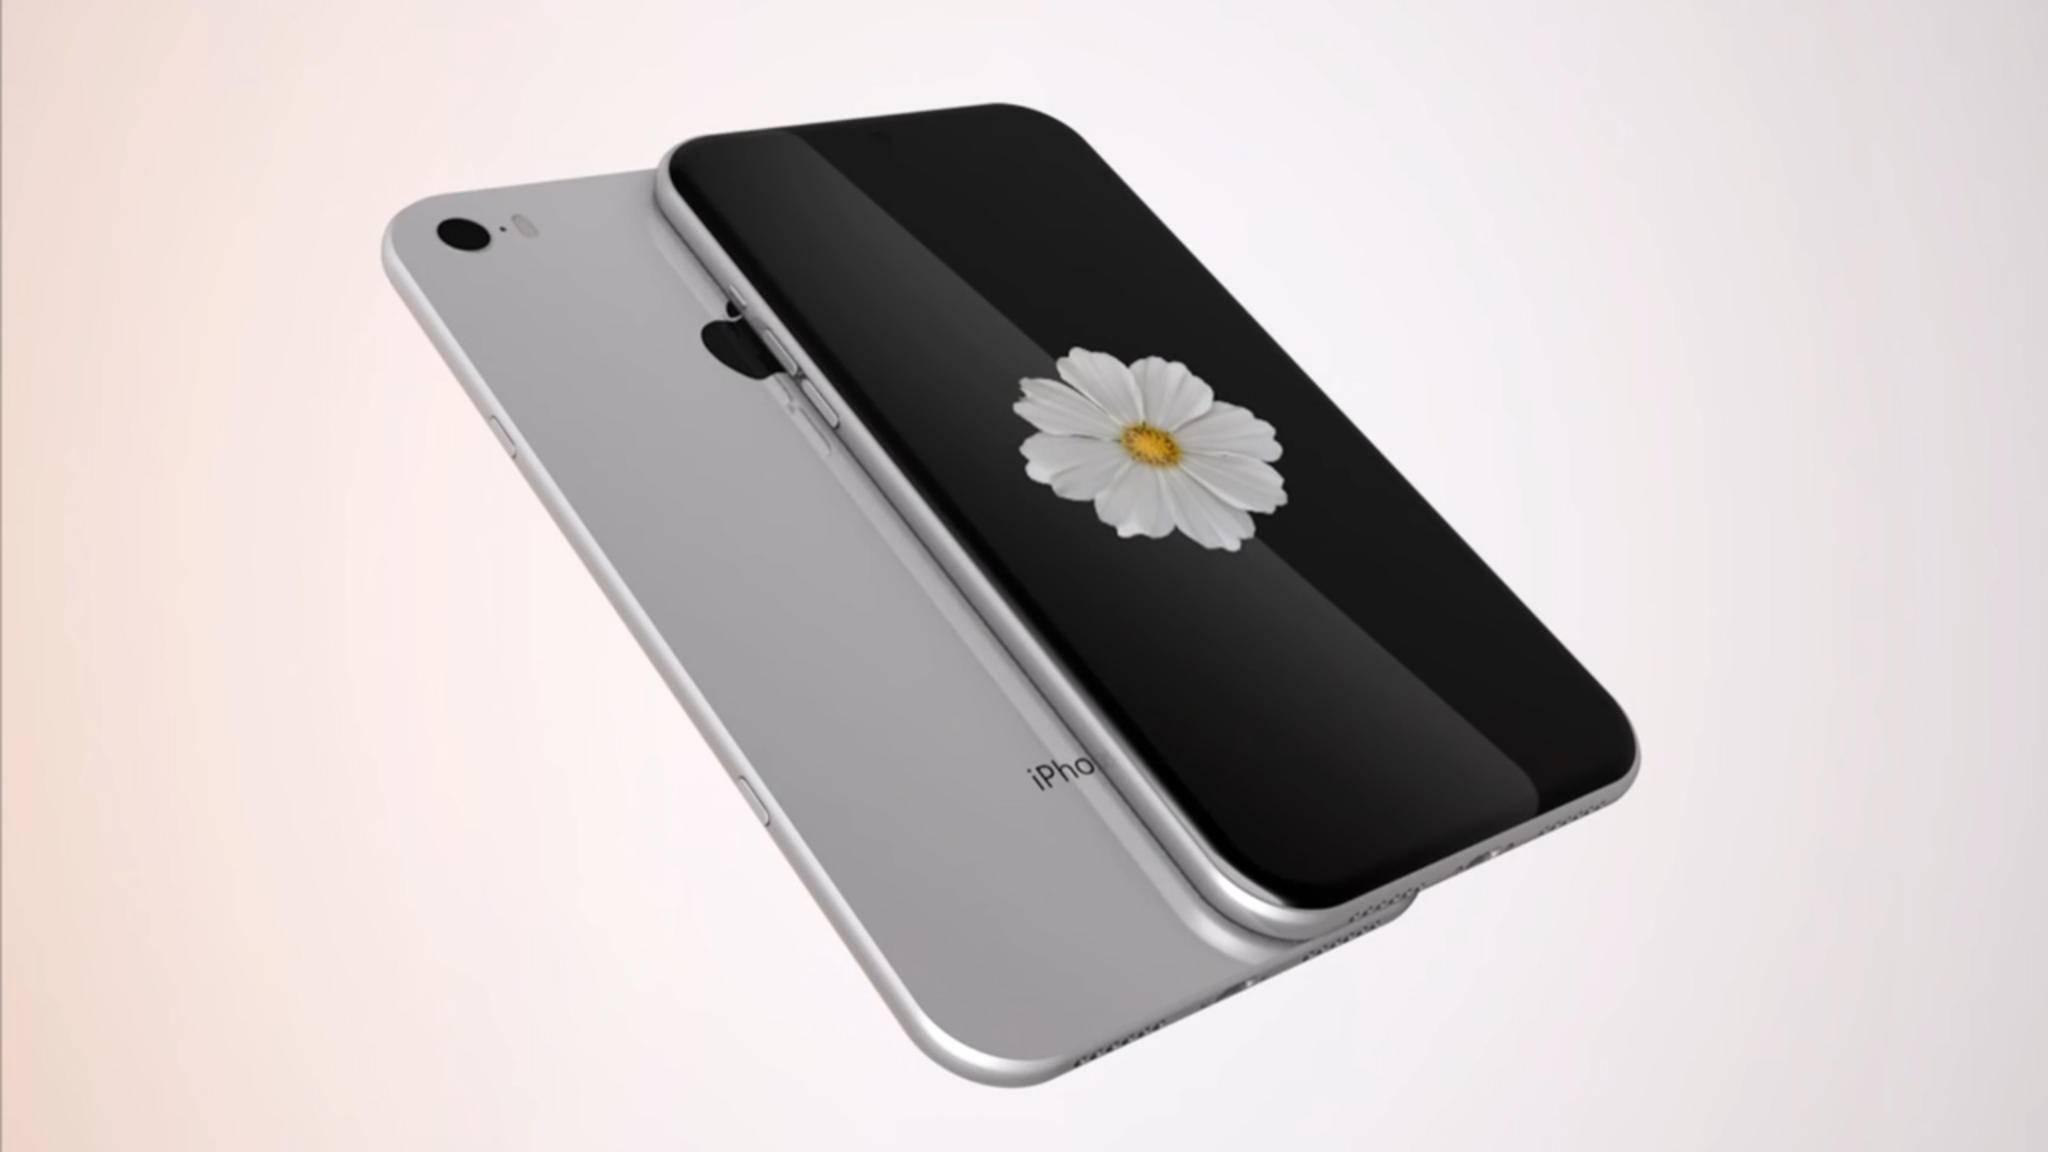 Das IPhone 8 Soll Einen Hoheren Preis Als Die Vorganger Haben